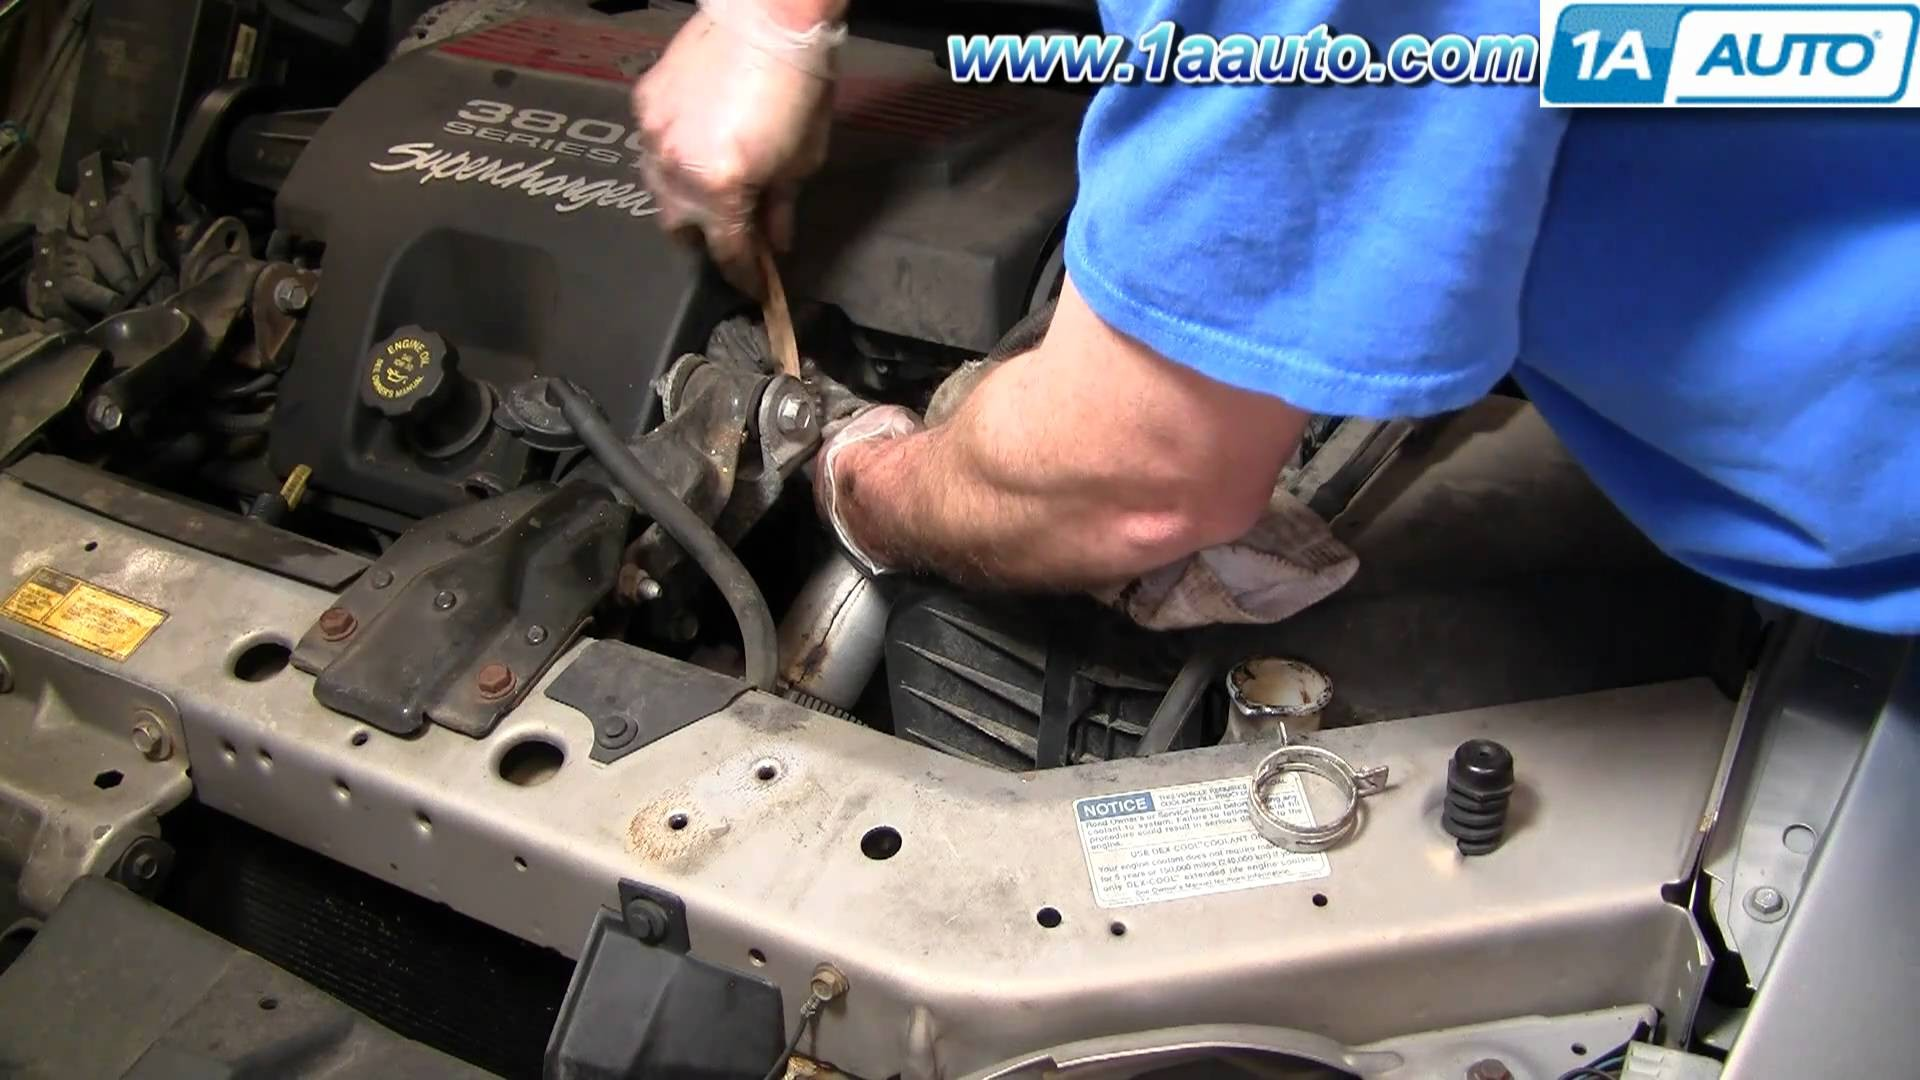 2005 Pontiac Grand Prix Engine Diagram How To Install Replace Fuel Gm 3 4 L Upper Radiator Hose Regal